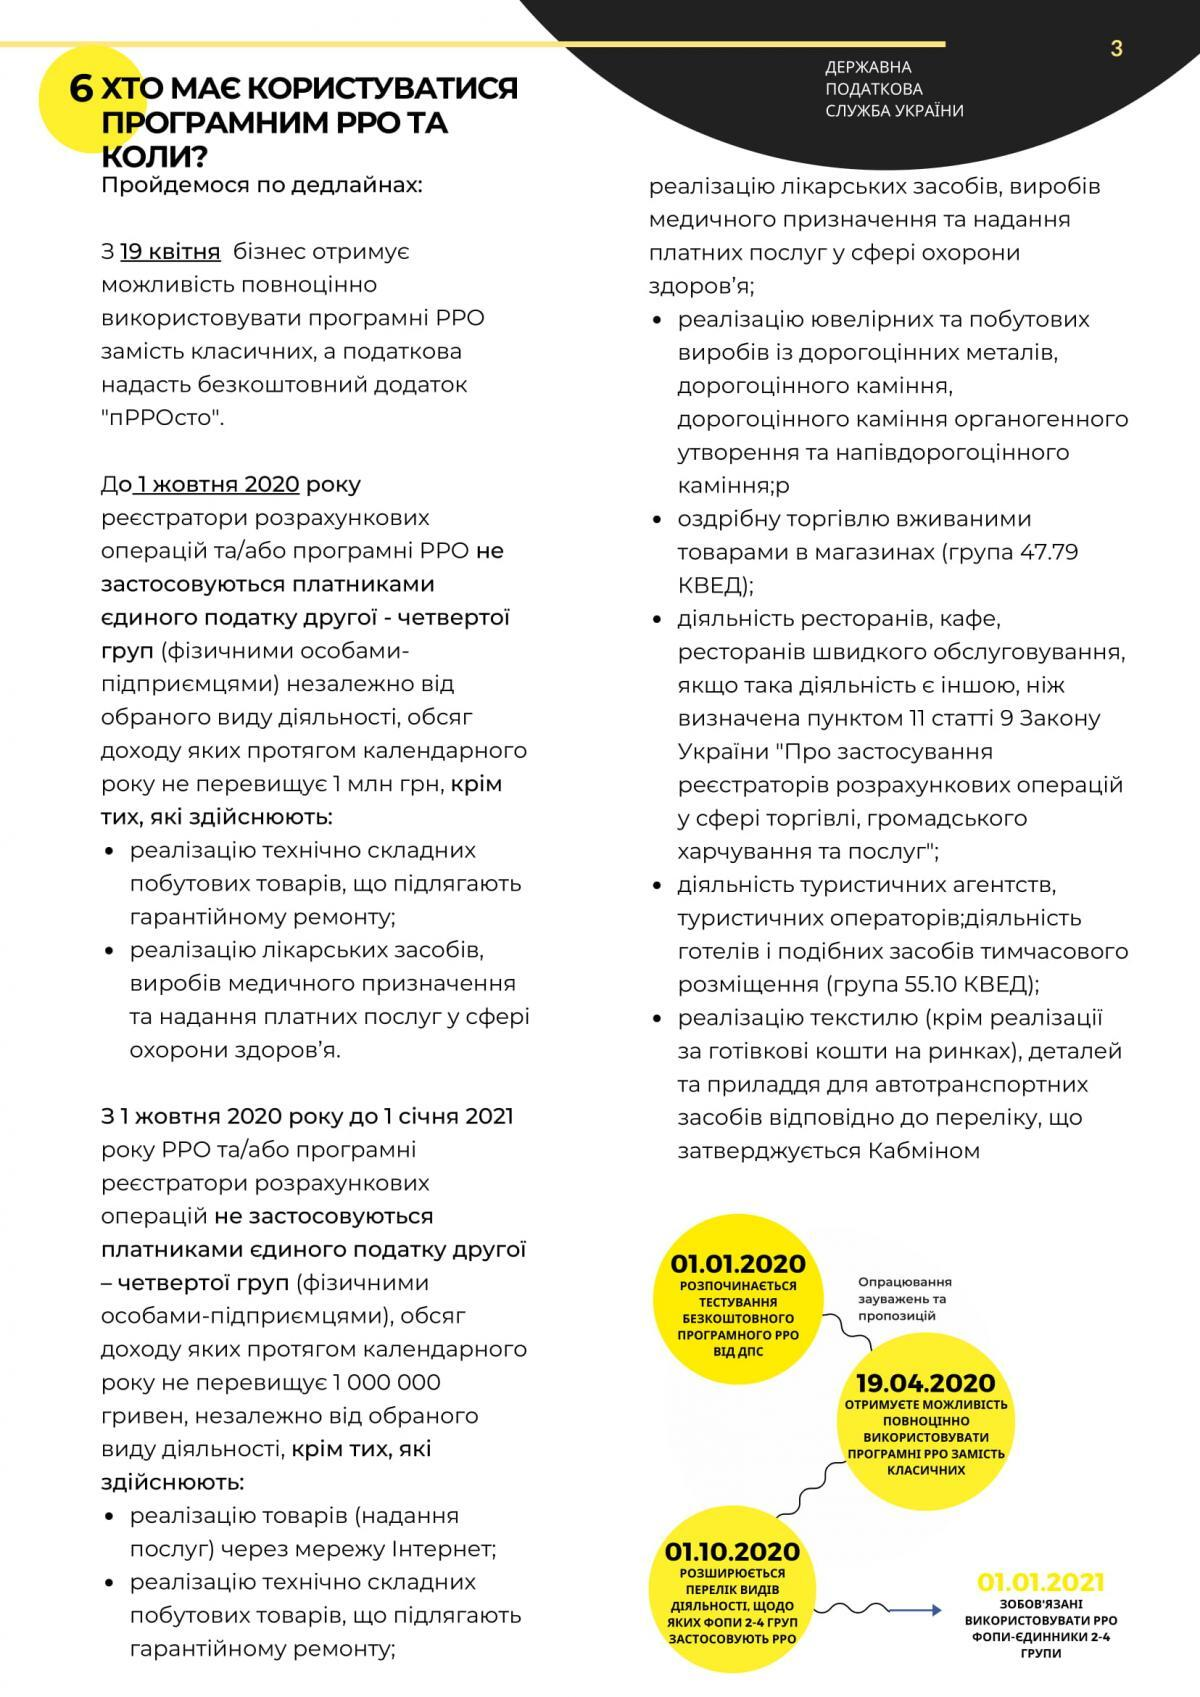 Простіше, дешевше і швидше: податкова пояснила нові правила для бізнесу в Україні